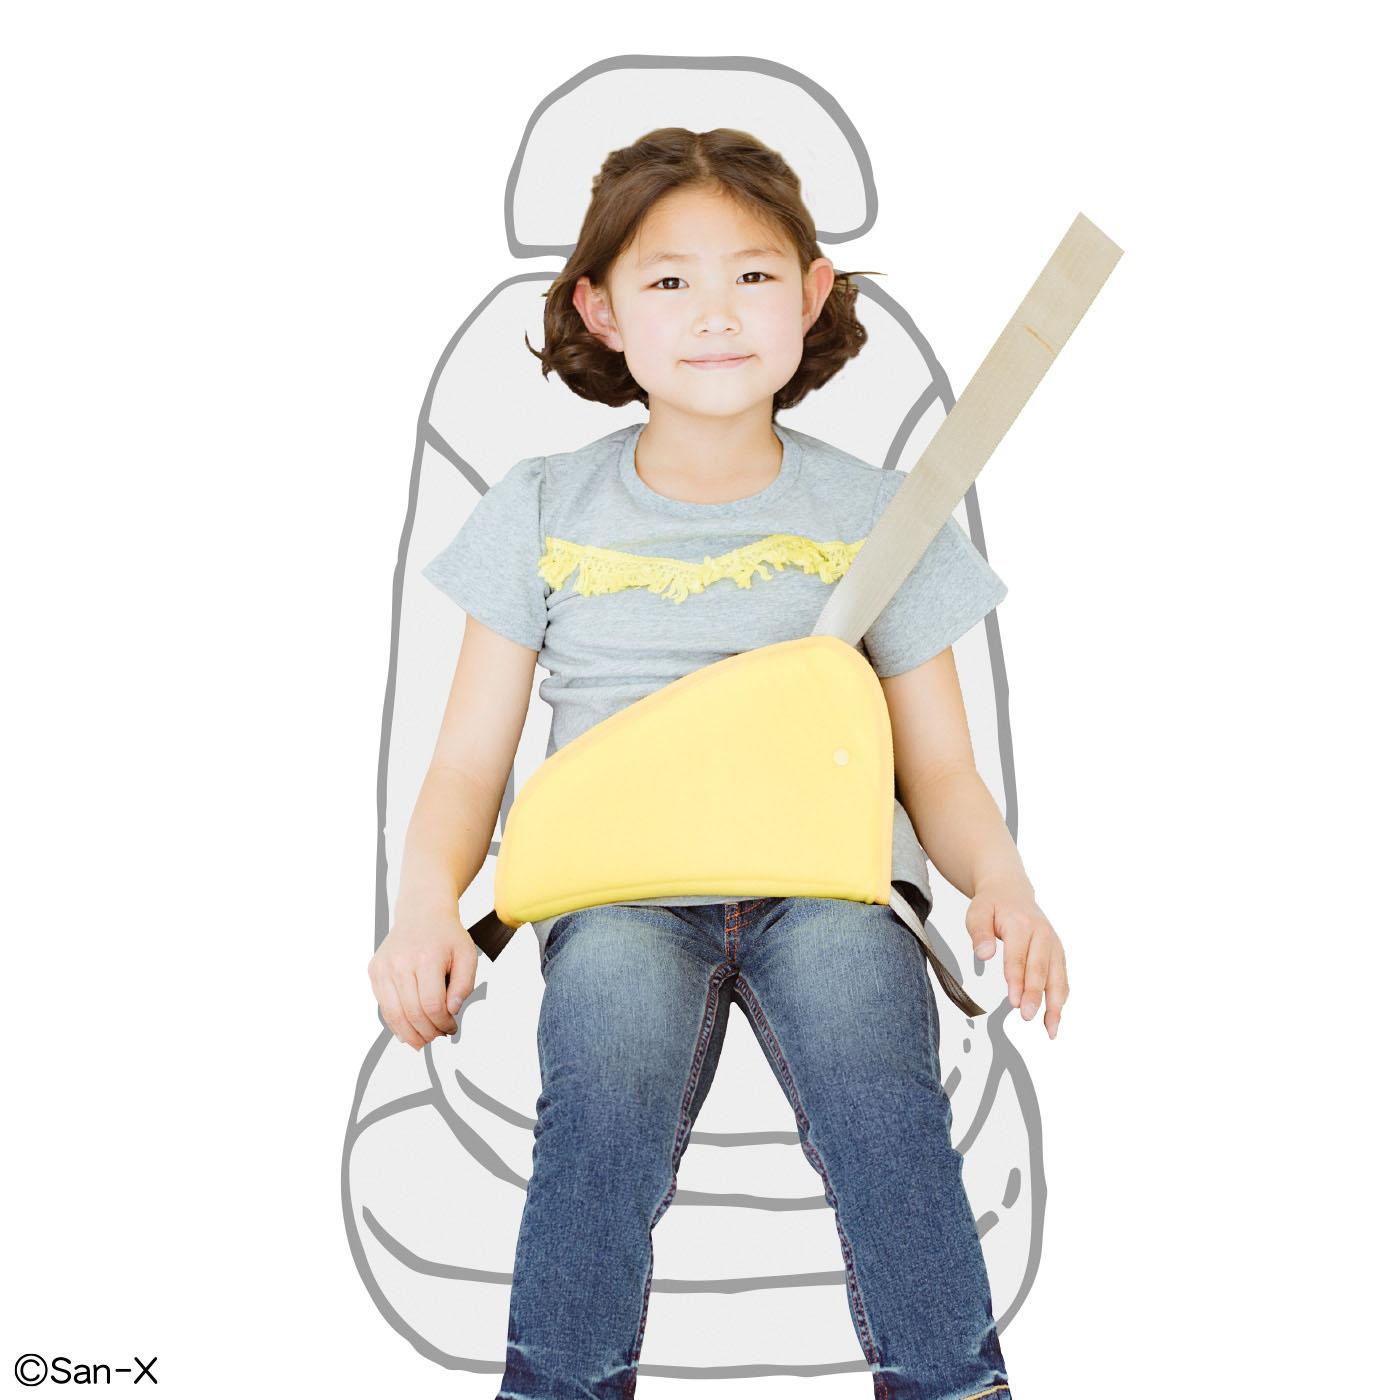 パッドだけでもシートベルトに通して使用できます。